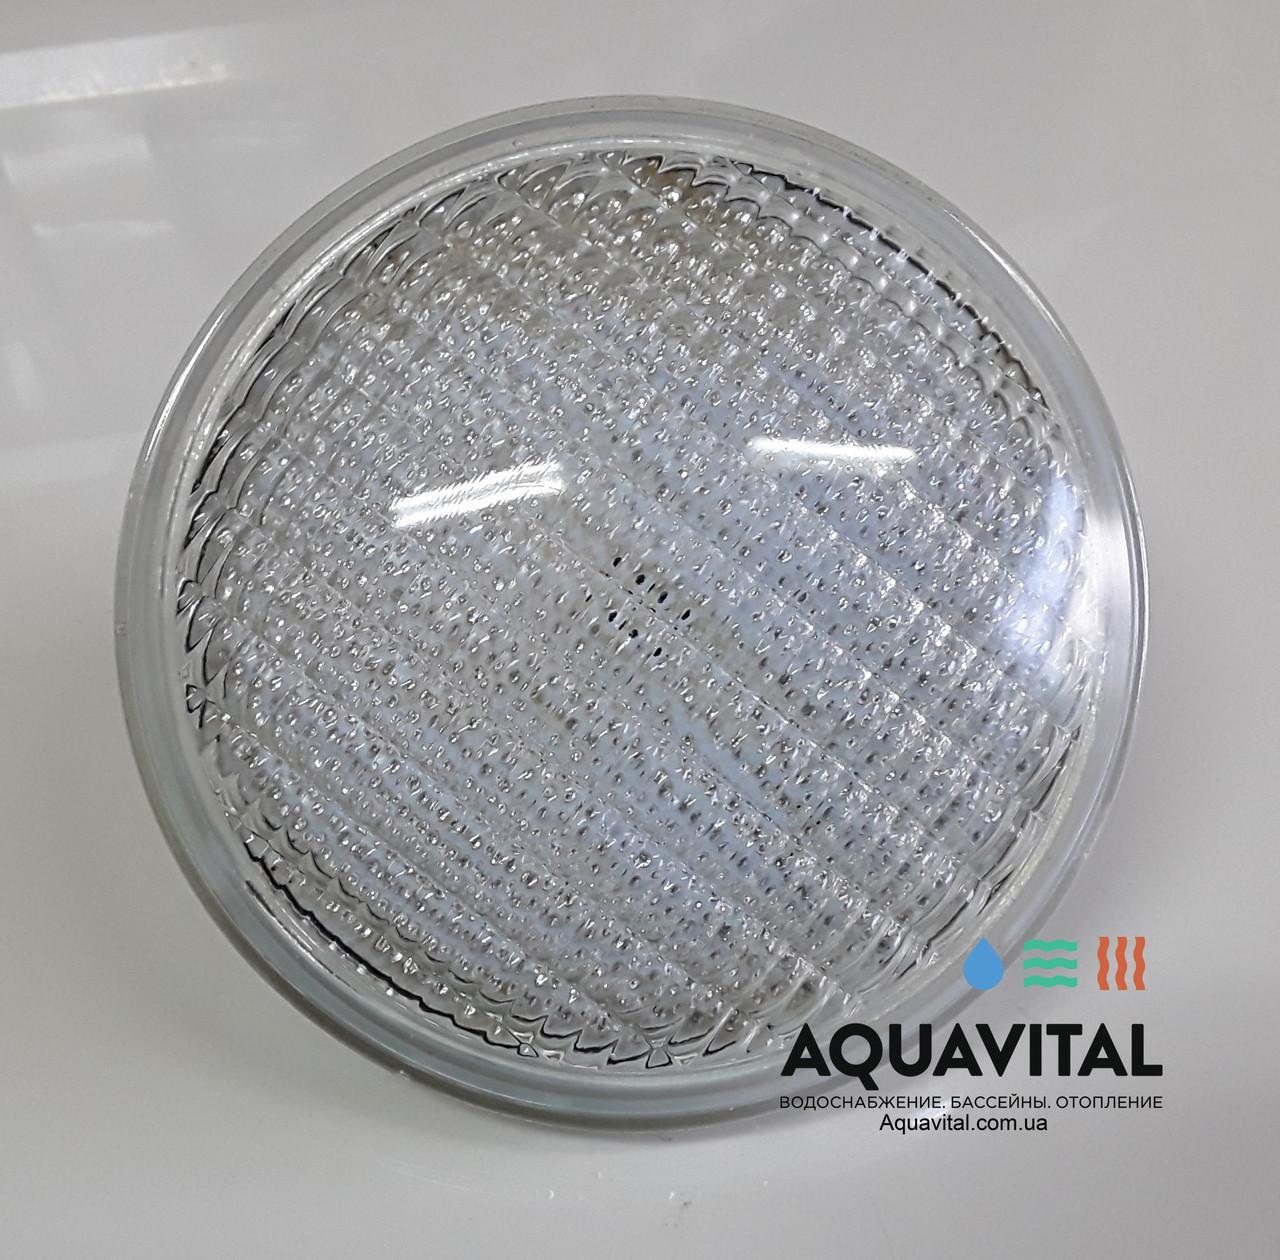 Лампа светодиодная AquaViva PAR56–256LED (15 Вт) RGB под бетон / пластик / стекловолокно